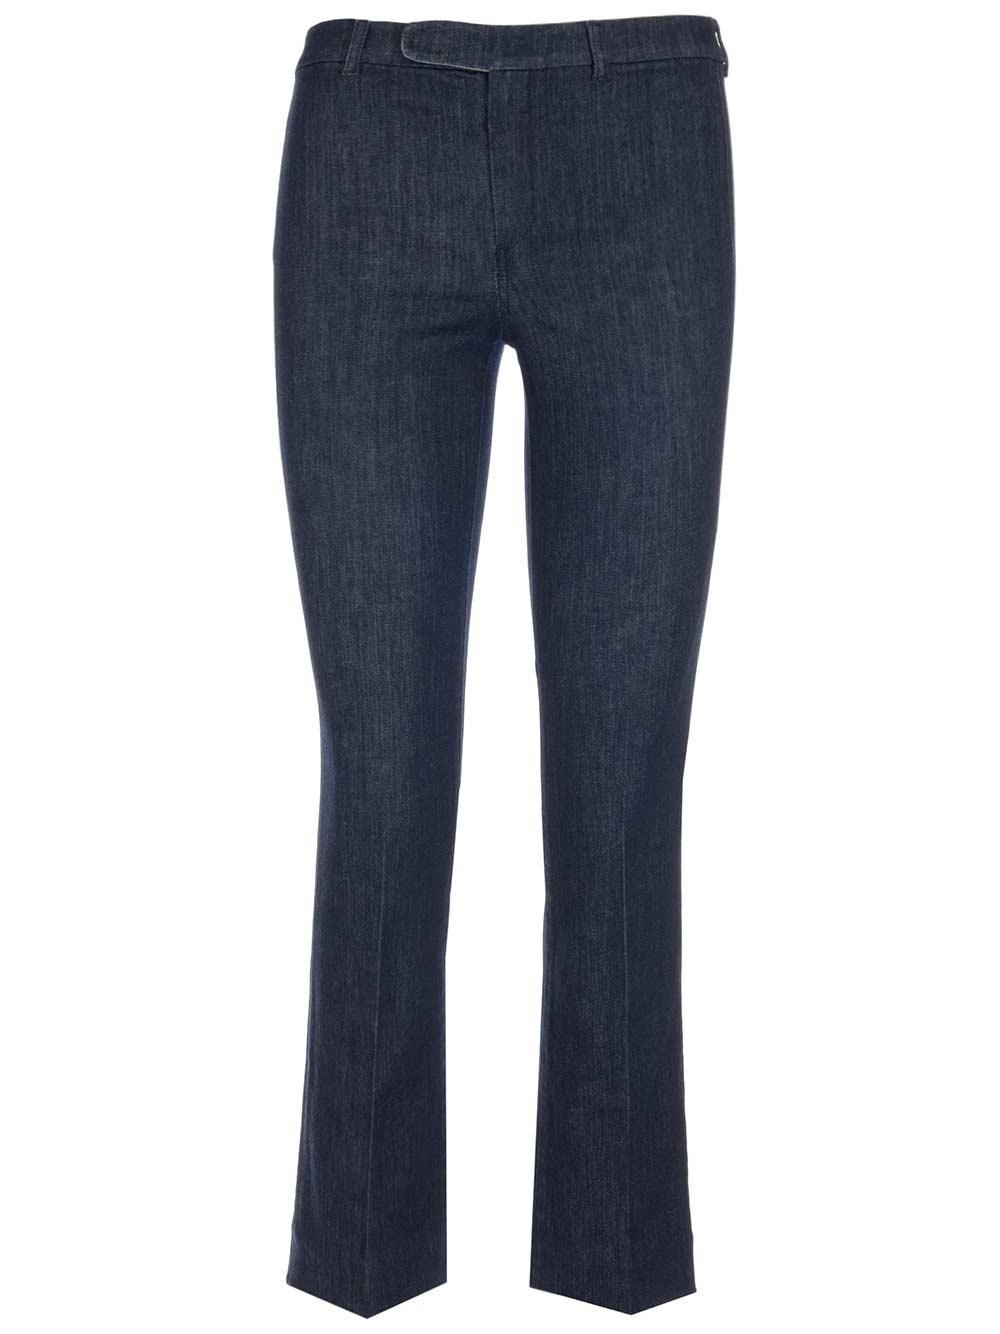 'S MAX MARA Stretch Jeans